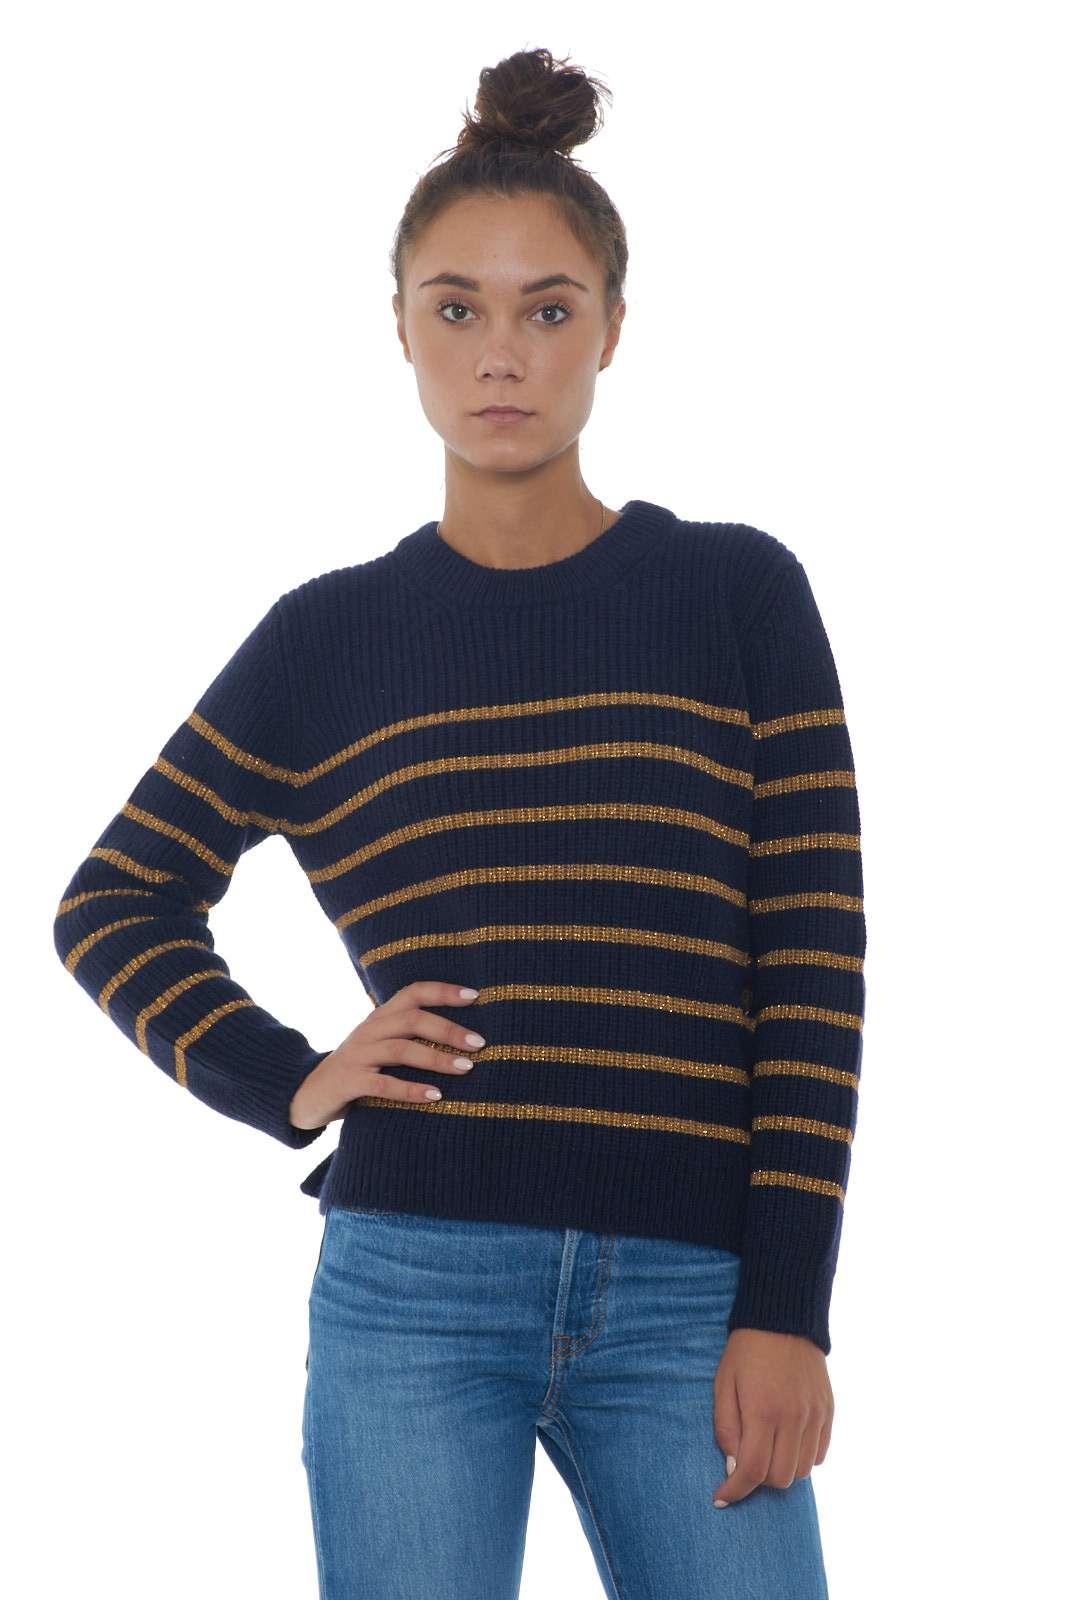 https://www.parmax.com/media/catalog/product/a/i/AI-outlet_parmax-maglia-donna-Twin-Set-192TT3360-A.jpg